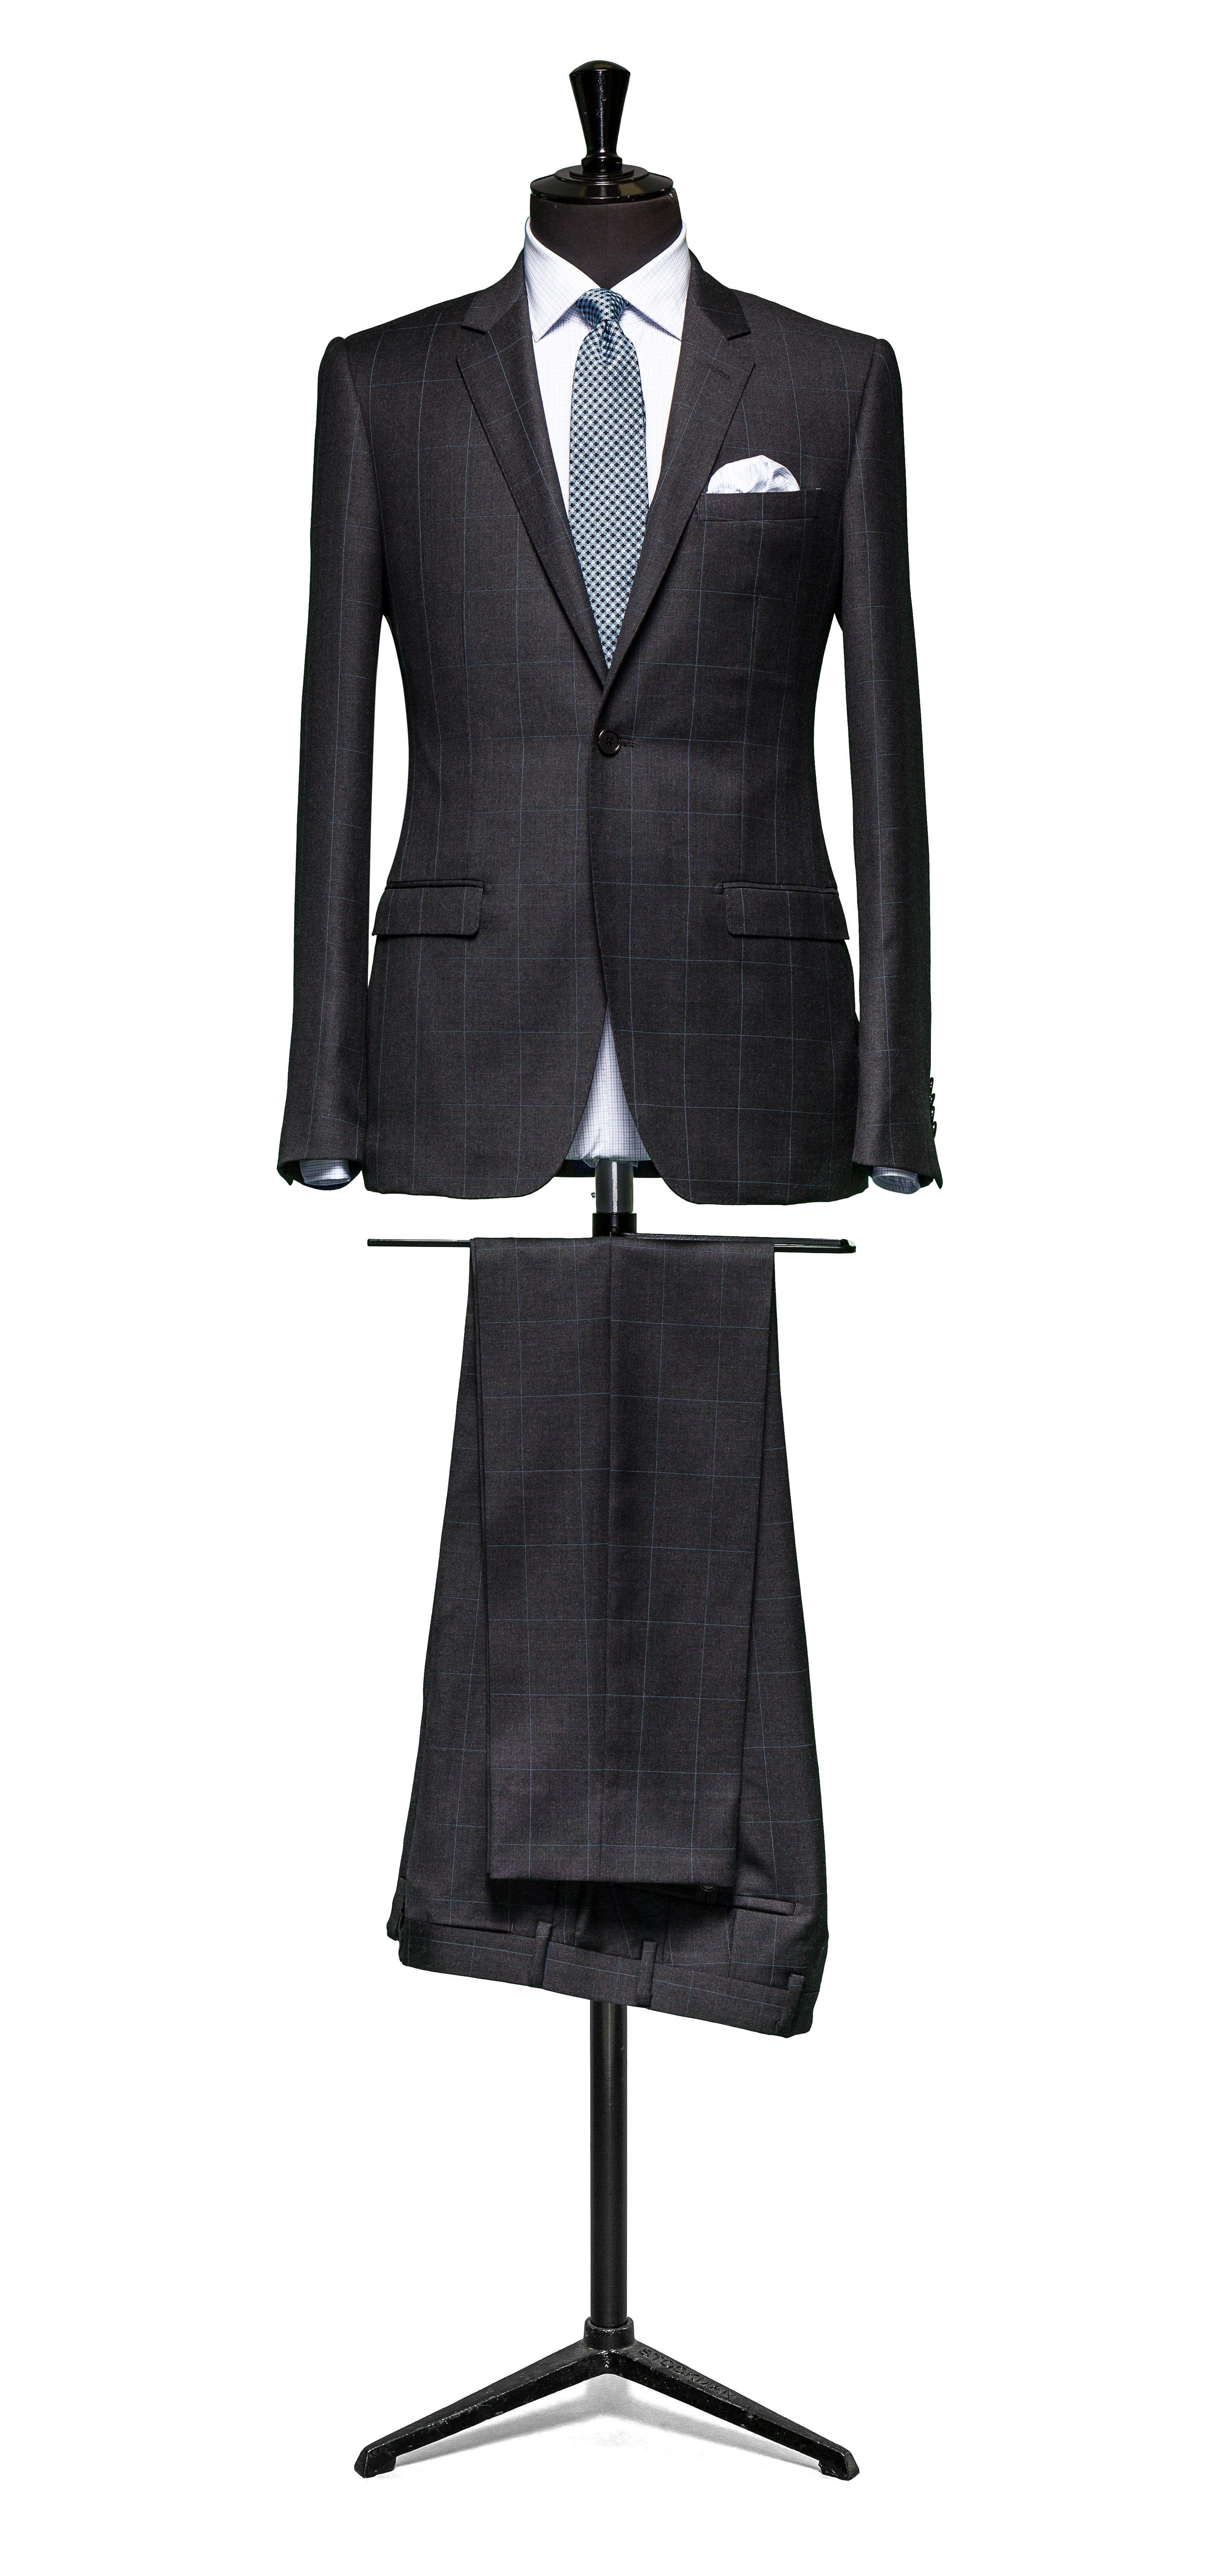 Bezaubernd Schöne Kleiderschränke Foto Von Krawatten, Kleiderschrank, Schöne Anzüge, Graue Anzüge, Mein